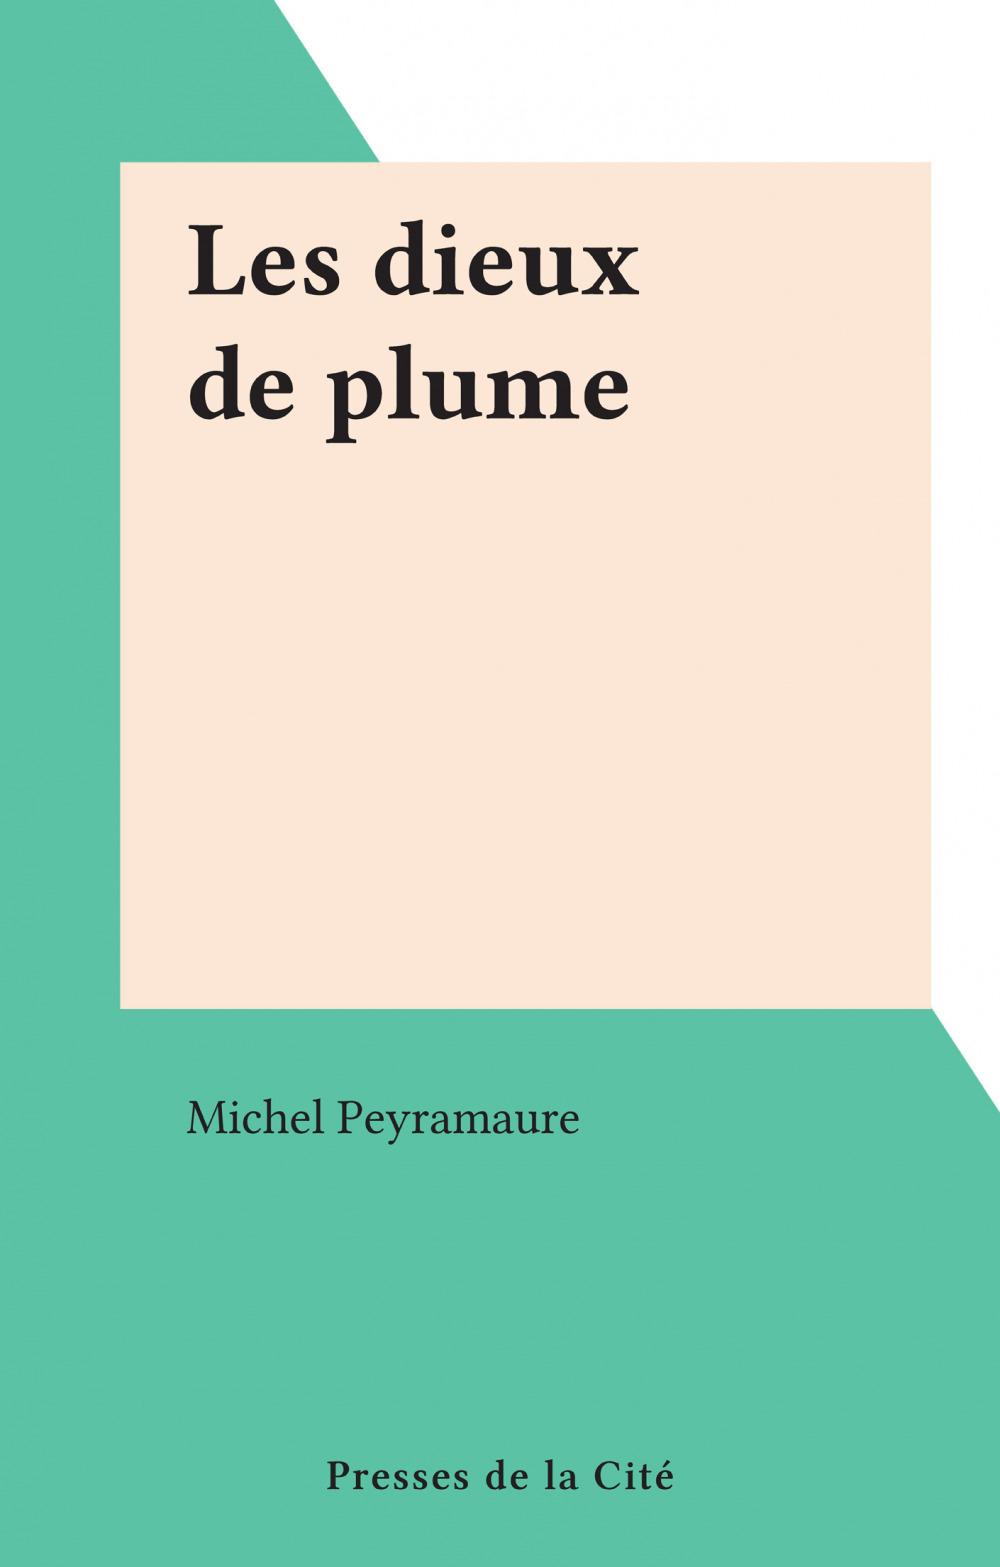 Les dieux de plume  - Michel Peyramaure